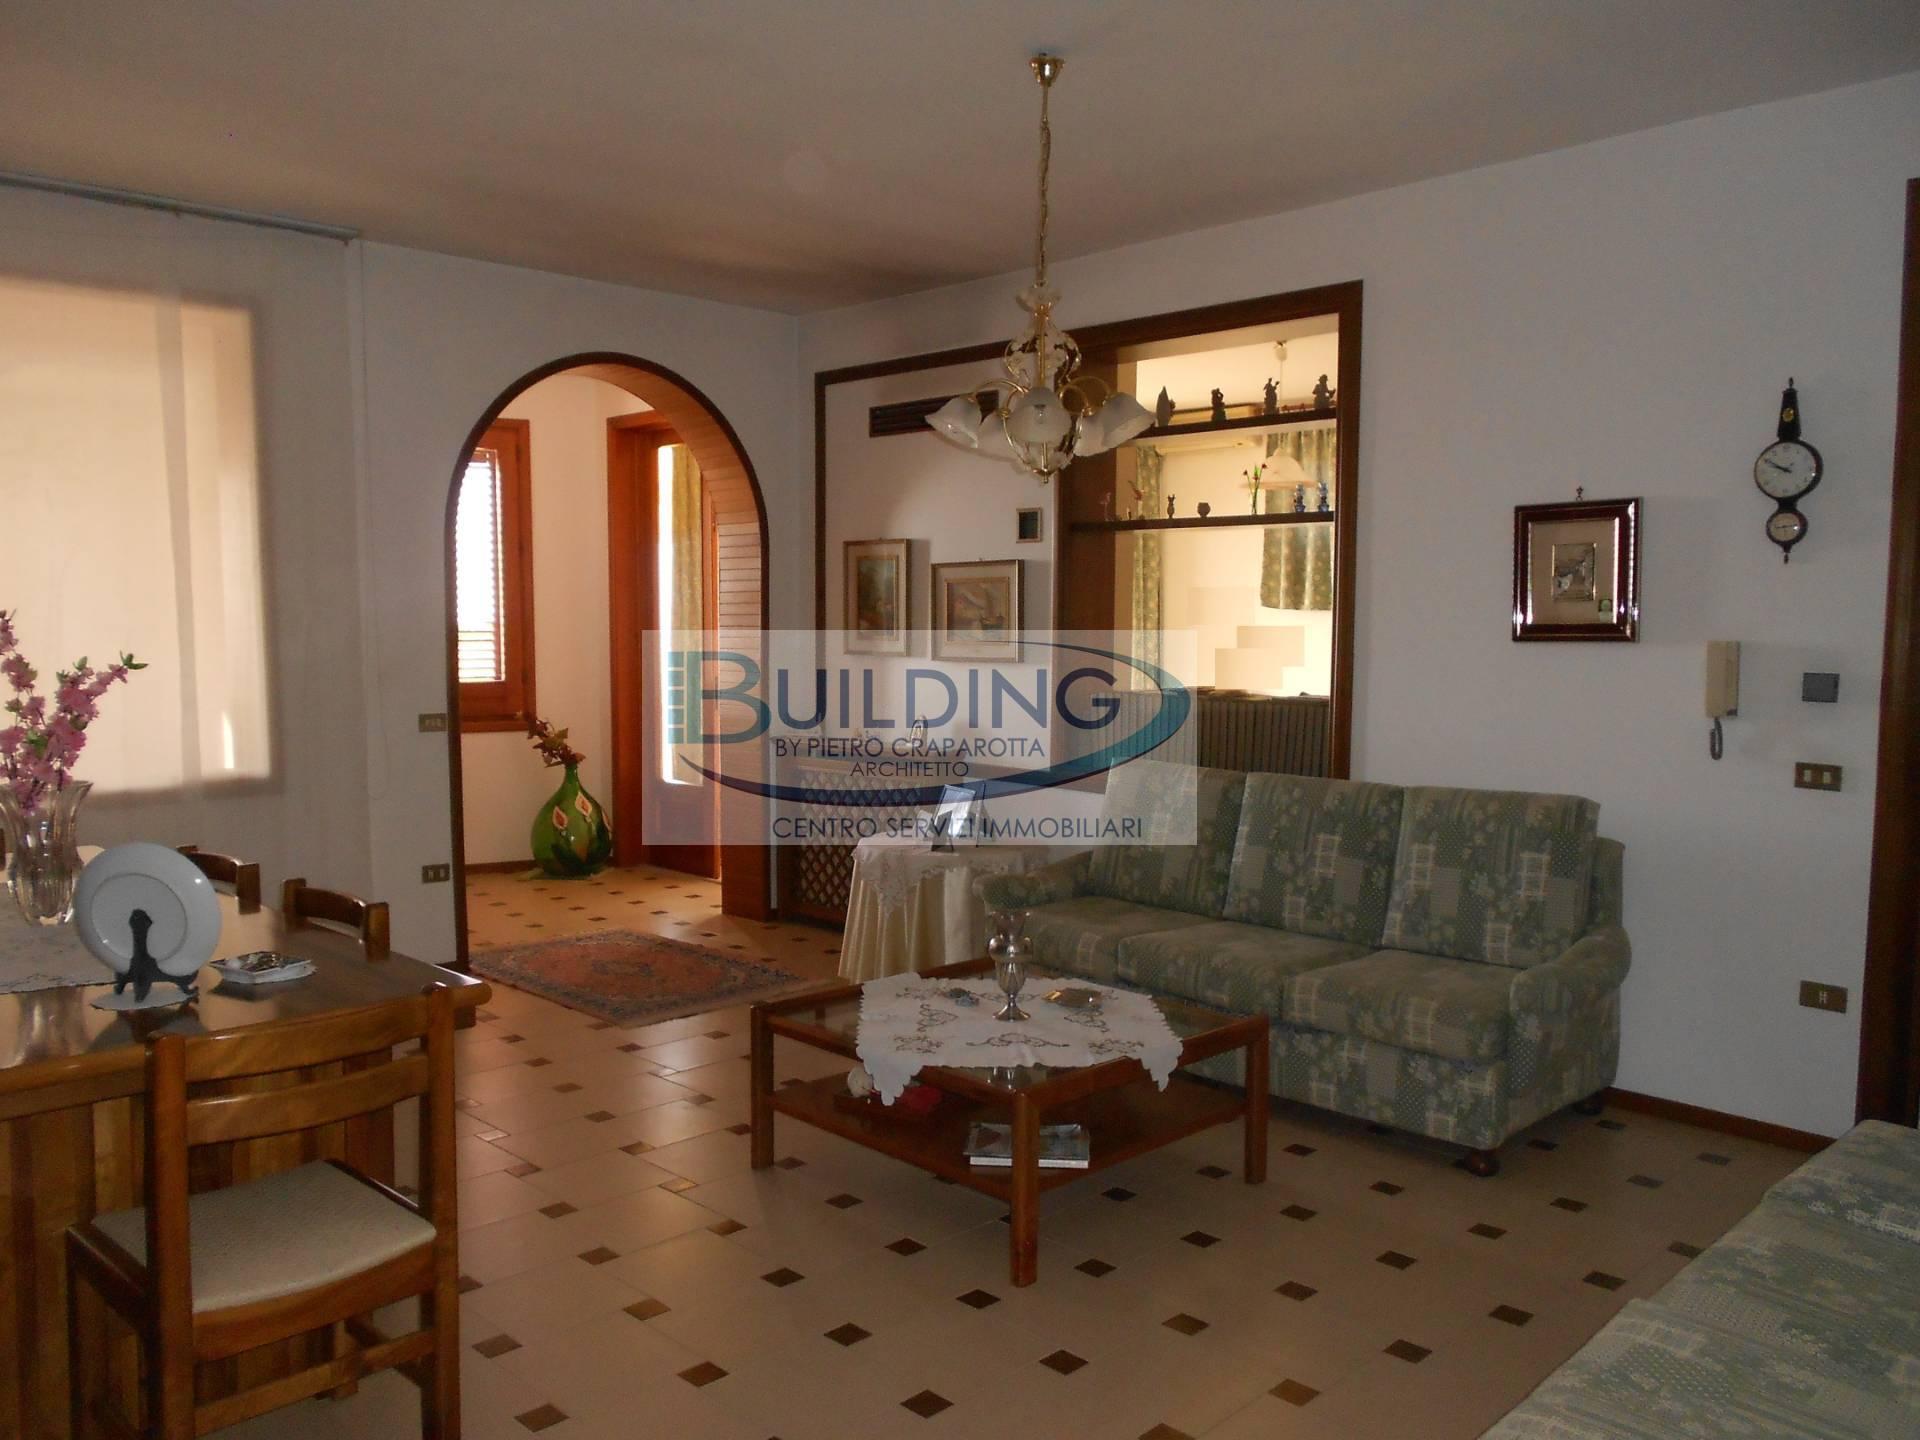 Appartamento in vendita a Castelvetrano, 8 locali, zona Località: CastelvetranoCittà, prezzo € 60.000 | PortaleAgenzieImmobiliari.it